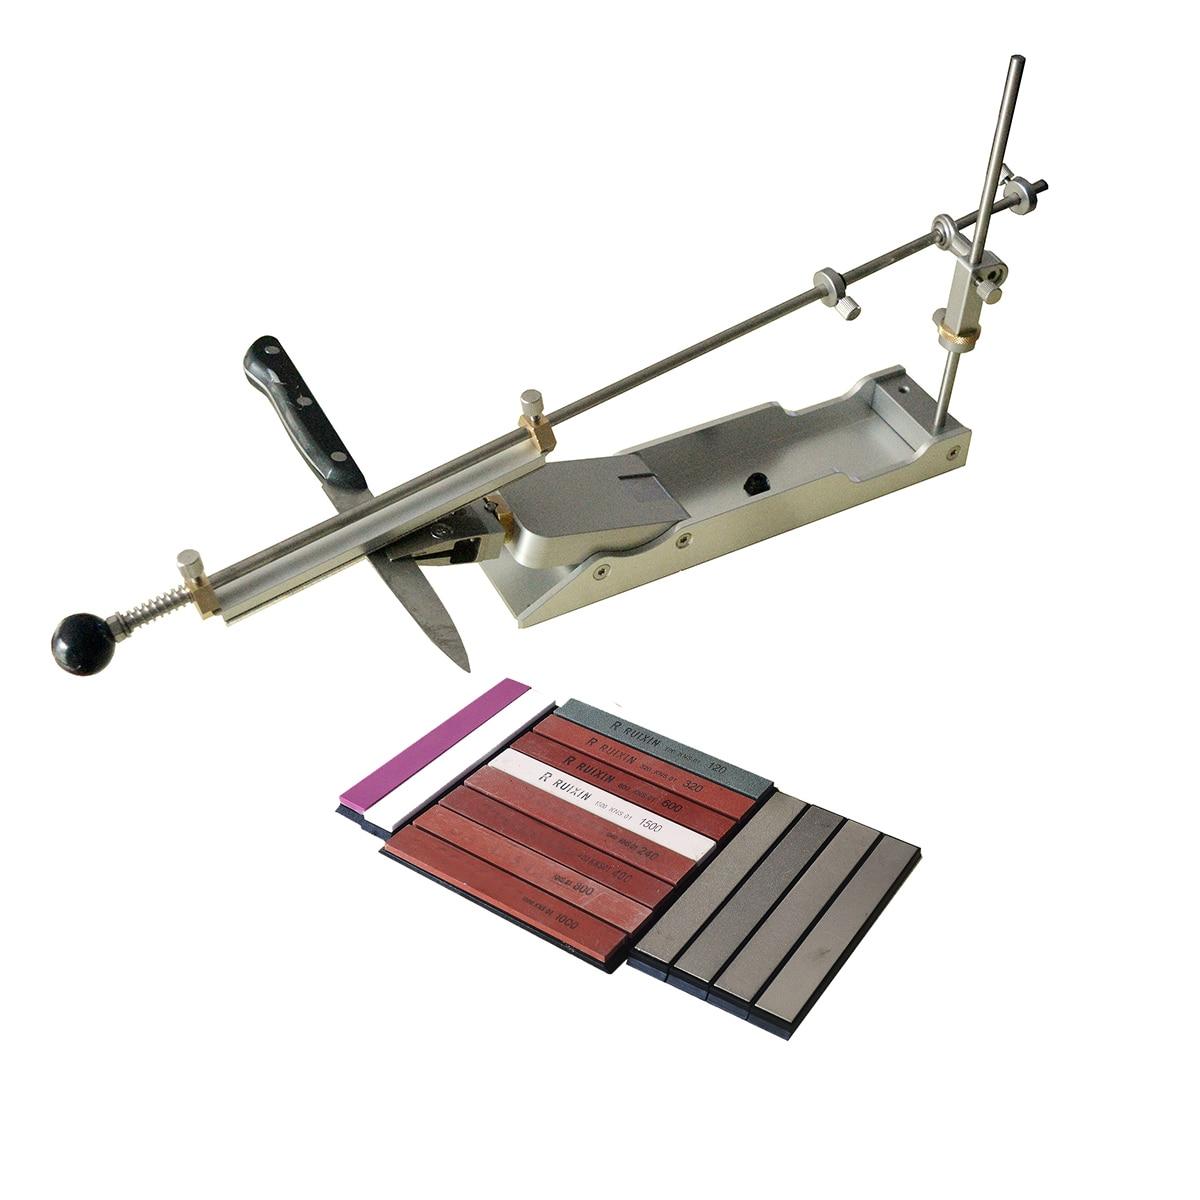 ขนาดเล็กมุมมีด Sharpener Professional มีดเครื่องมือ Sharpening เครื่องอุปกรณ์ครัวมีดคนรักบดอุปกรณ์-ใน เครื่องเหลา จาก บ้านและสวน บน   1